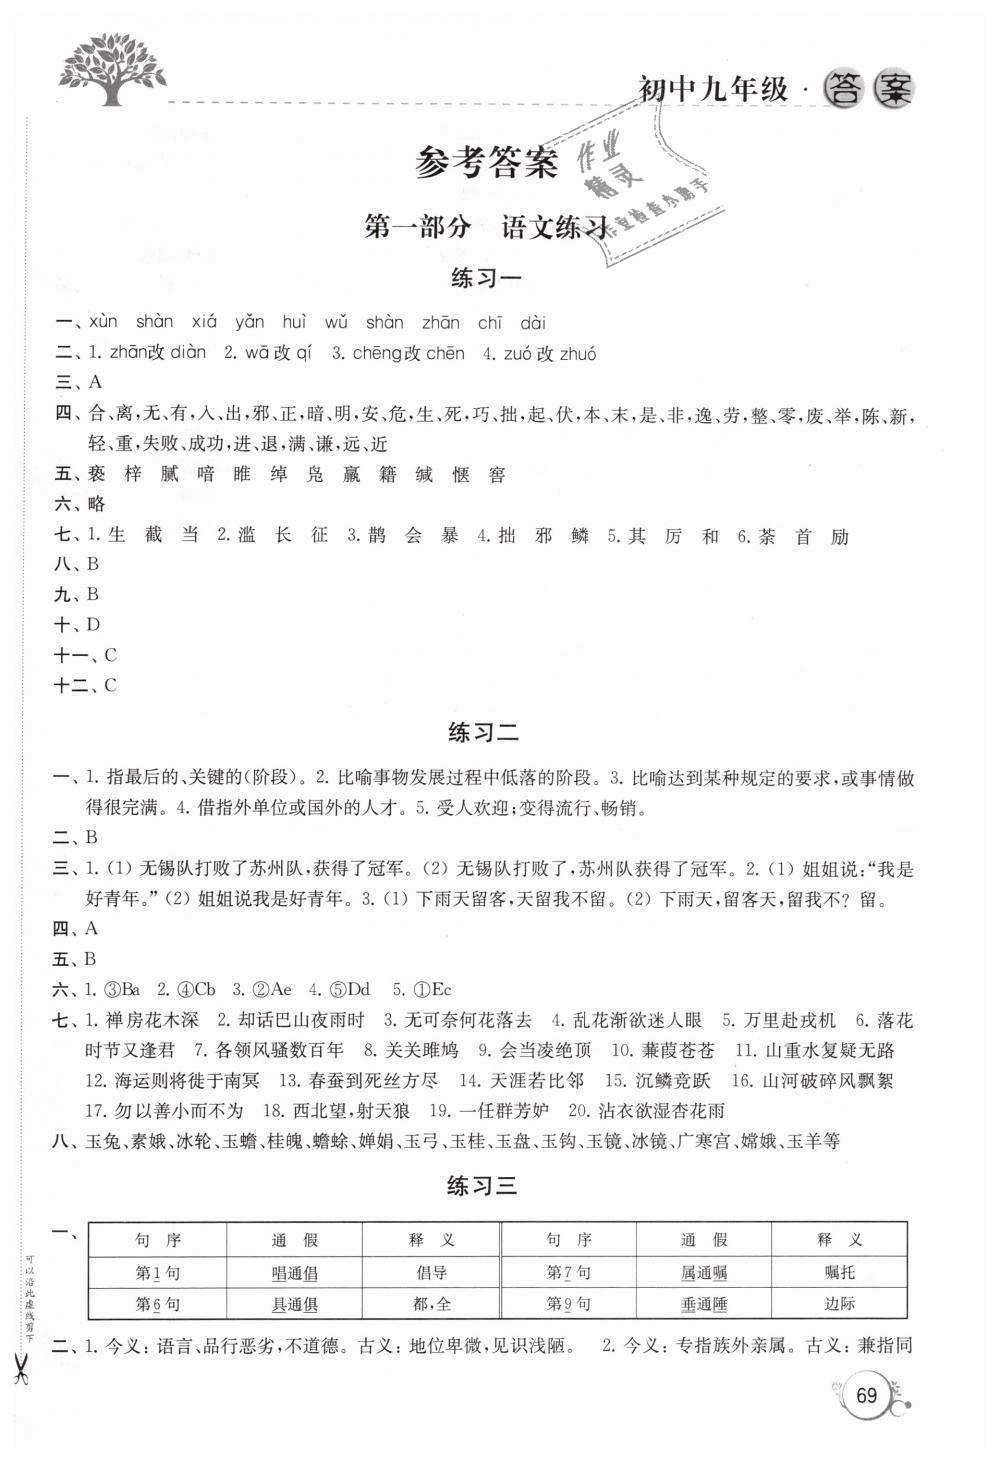 2019年寒假学习生活初中九年级综合初中版译一次方程一元译林练习题图片